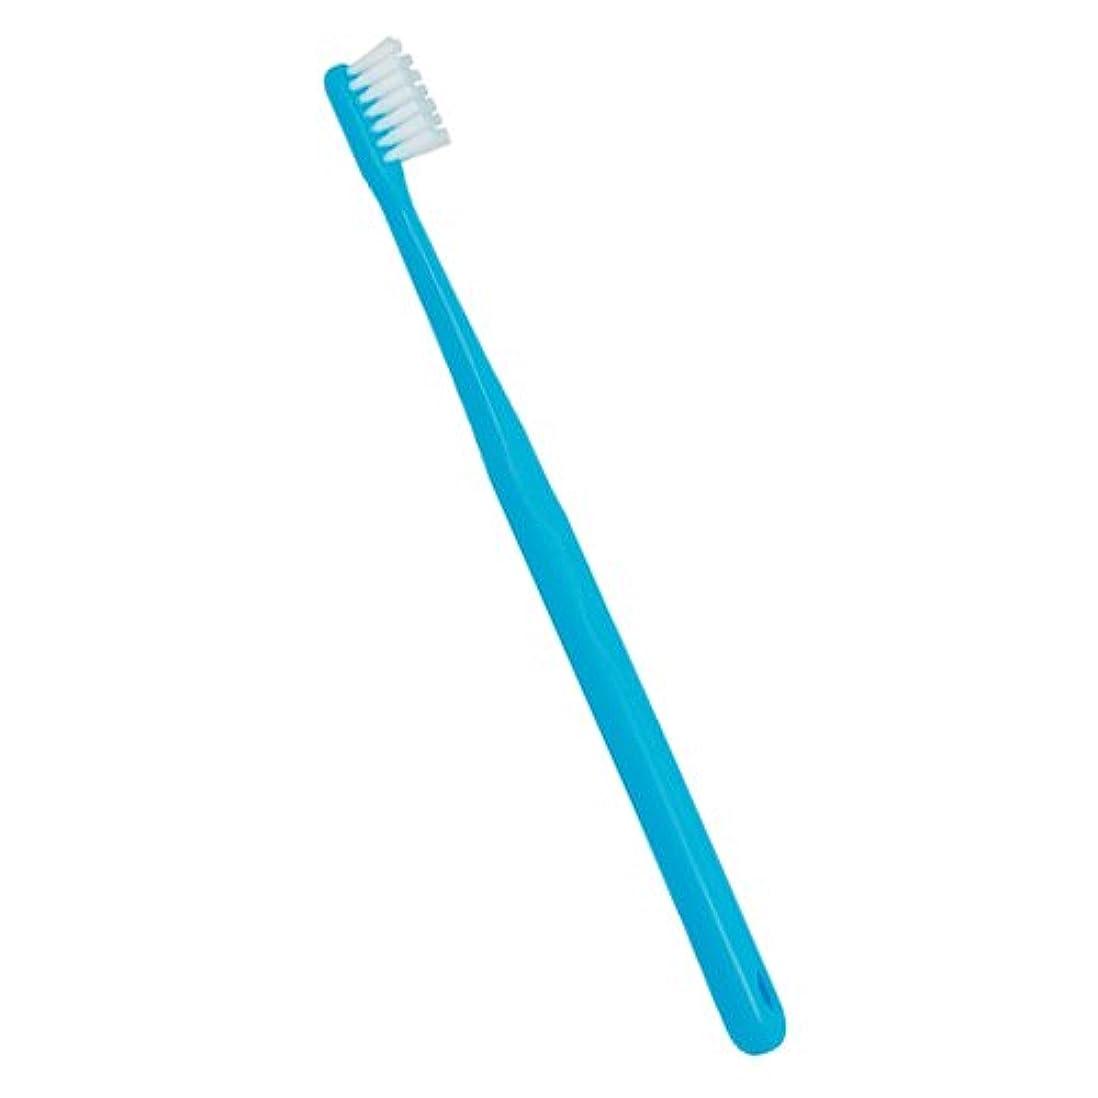 ナインへ音声一瞬Ciメディカル 歯ブラシ Ci702(フラットタイプ) 1本(M ふつう(ブルー))